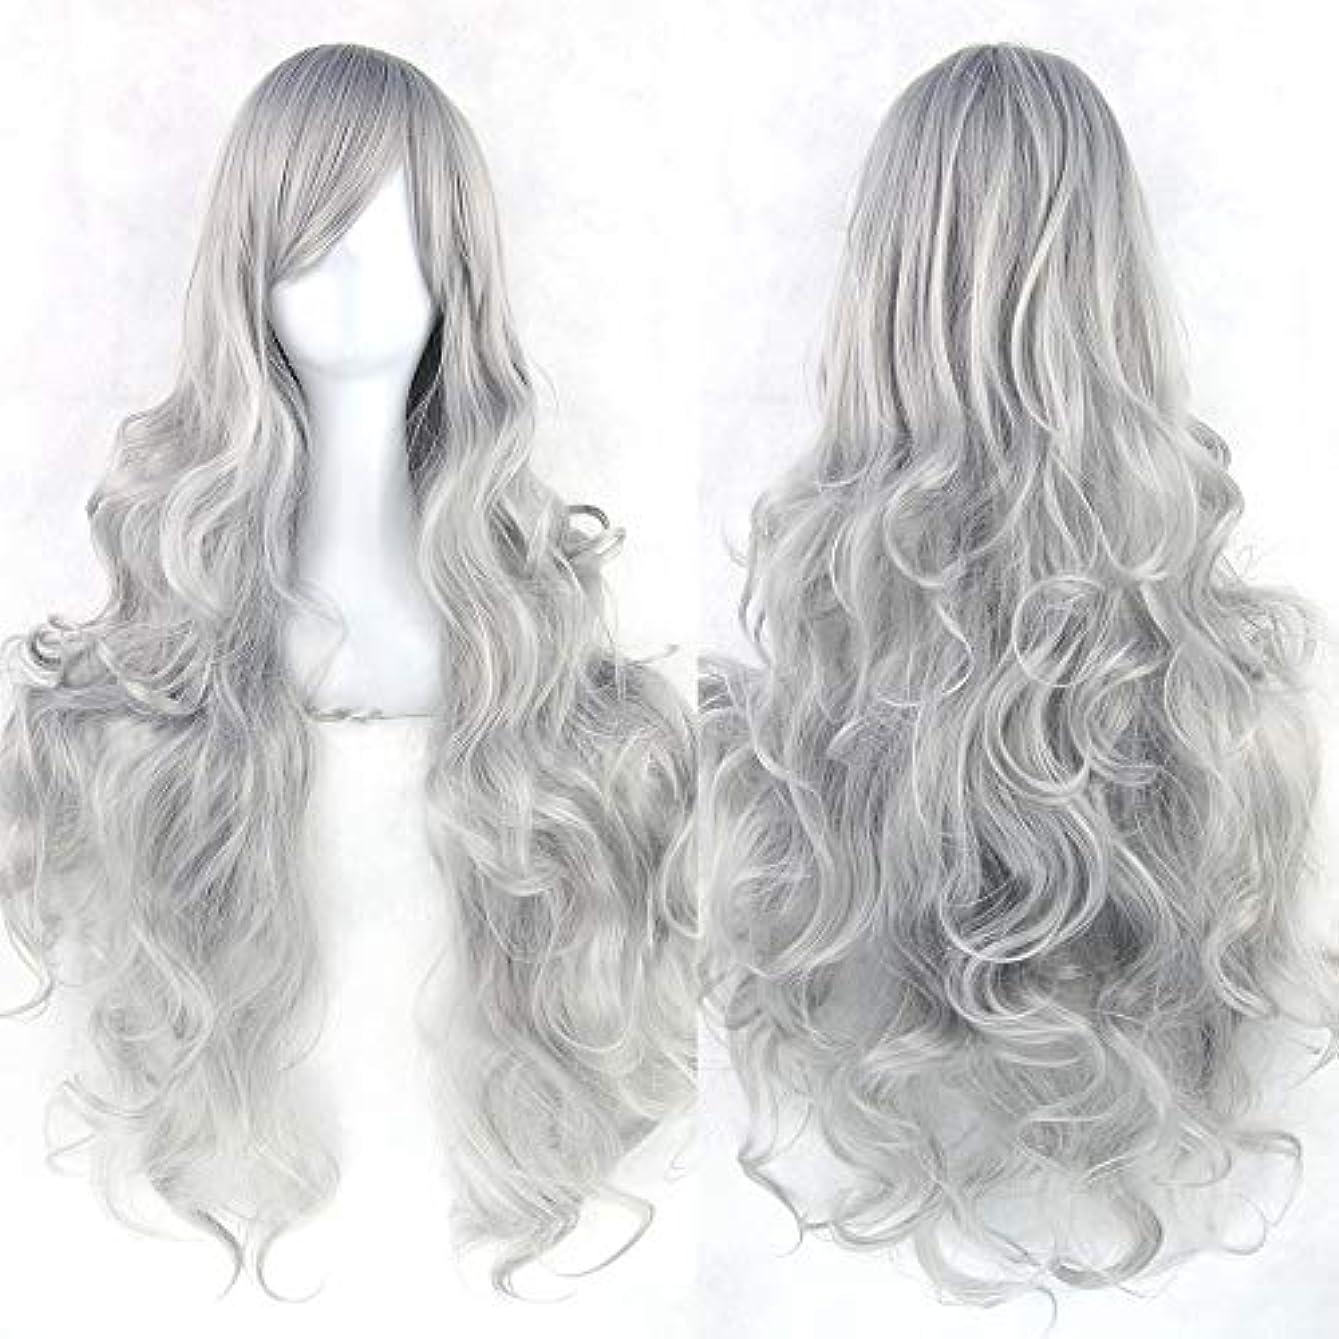 好色な非公式ハンマー女性の長い巻き毛のウェーブのかかった髪のかつら31インチの人工毛のかつらサイドパーティングハロウィンコスプレ衣装アニメパーティーかつら (Color : Silver gray)